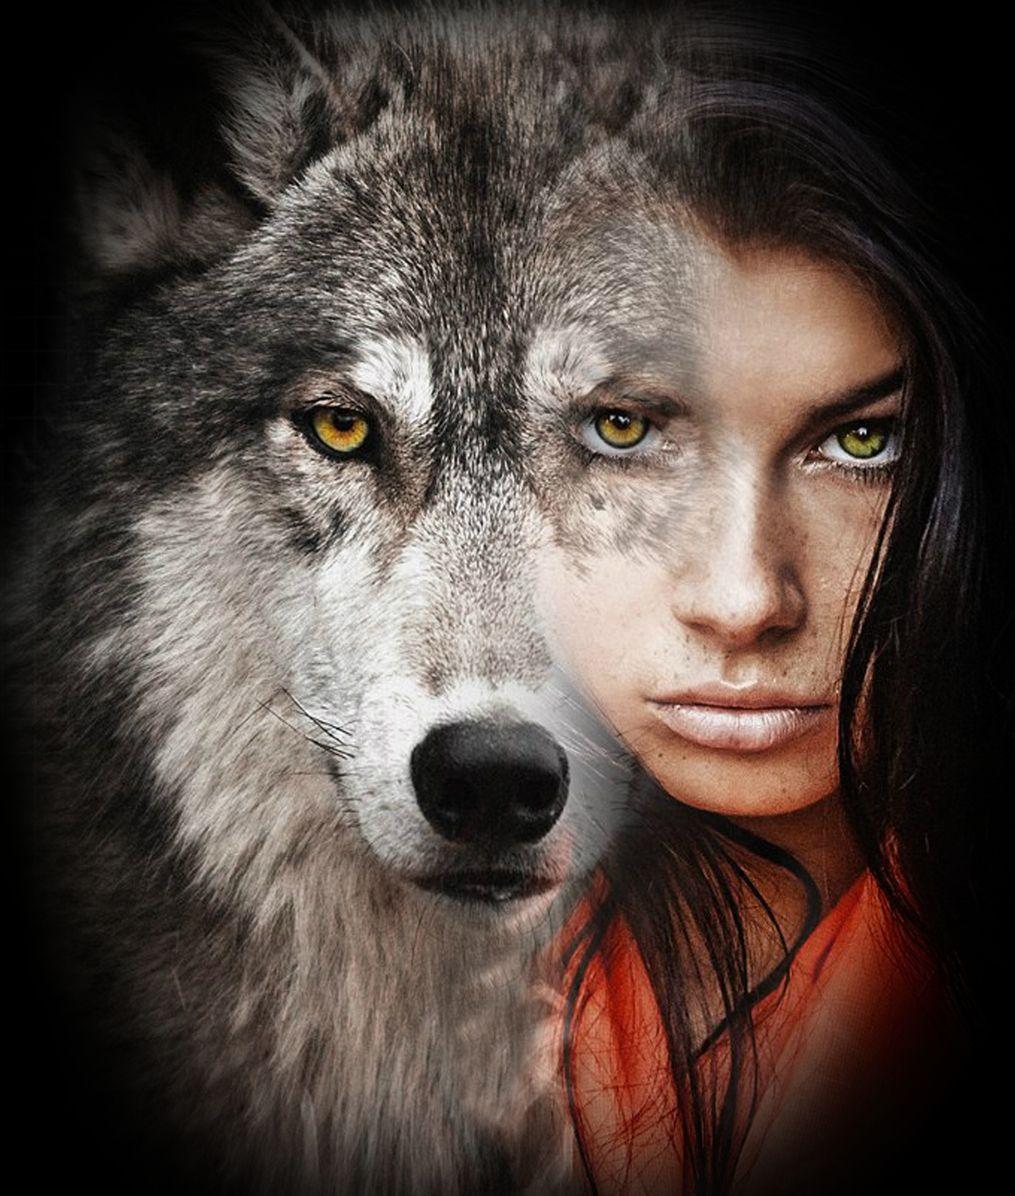 этого взяли как сделать свое фото с картинкой волка запросу атлас целый